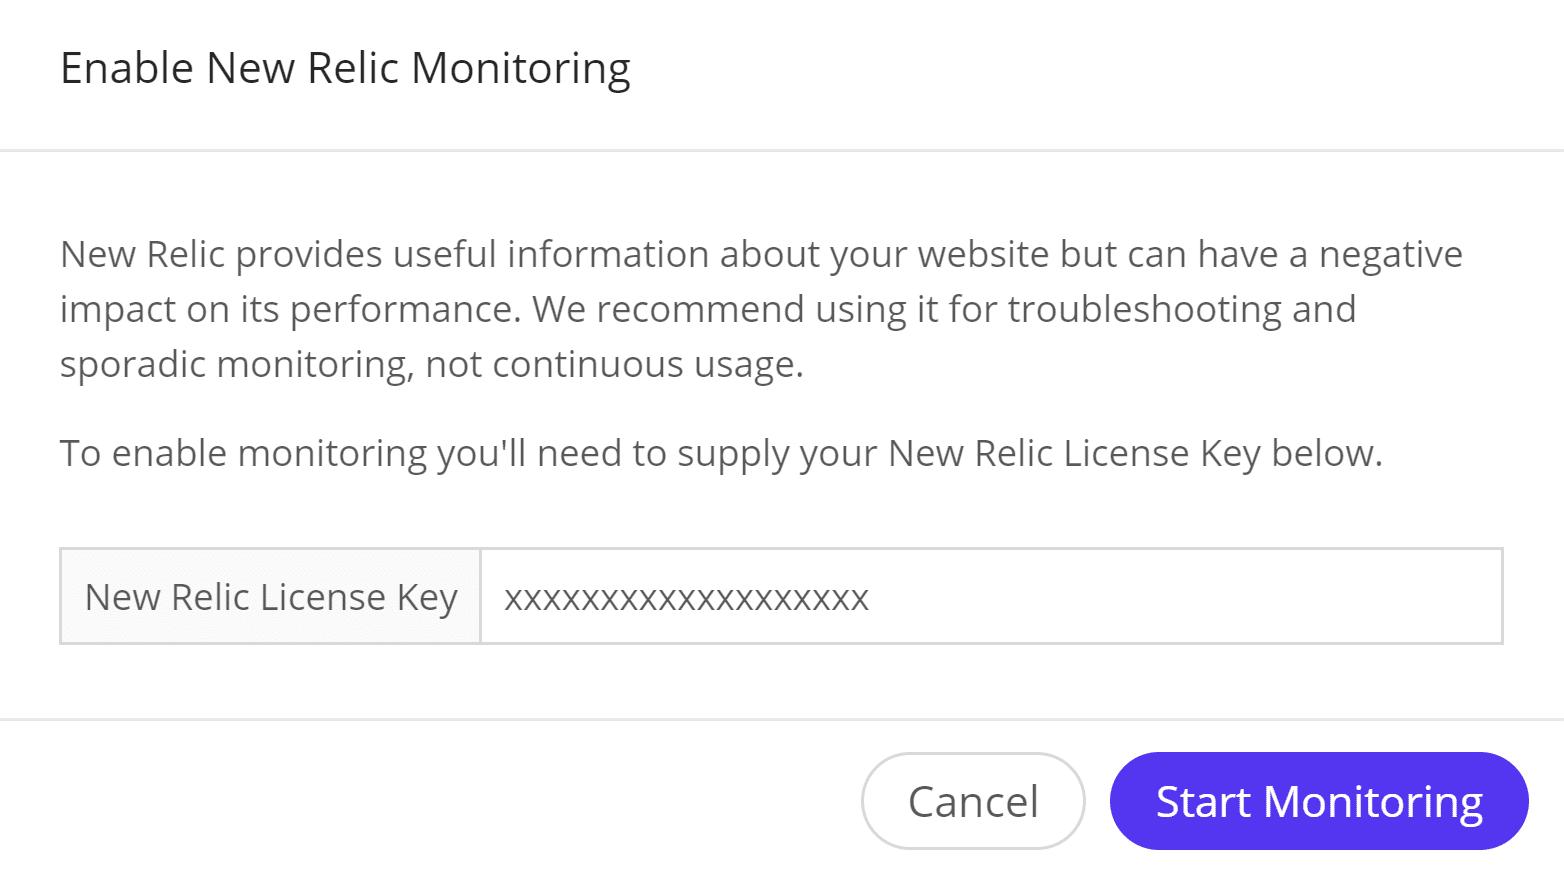 Iniciar monitorização com o New Relic